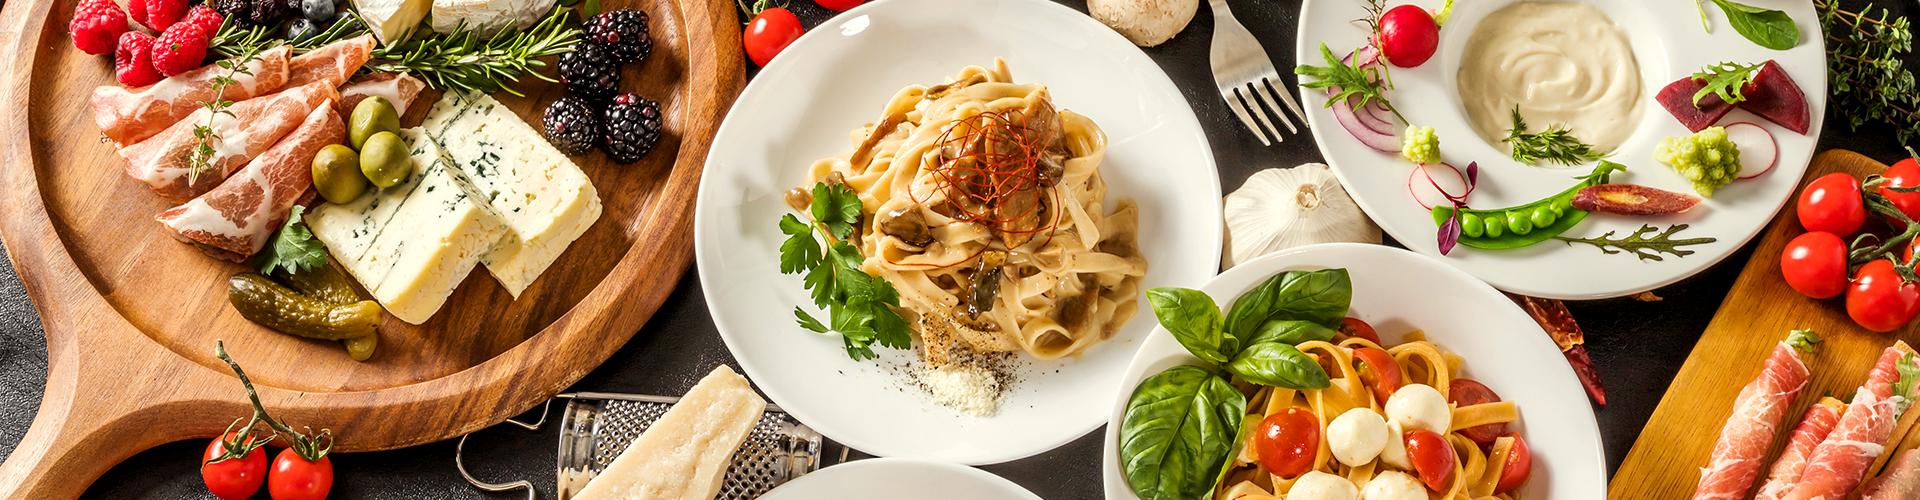 Italy: Culinary Arts